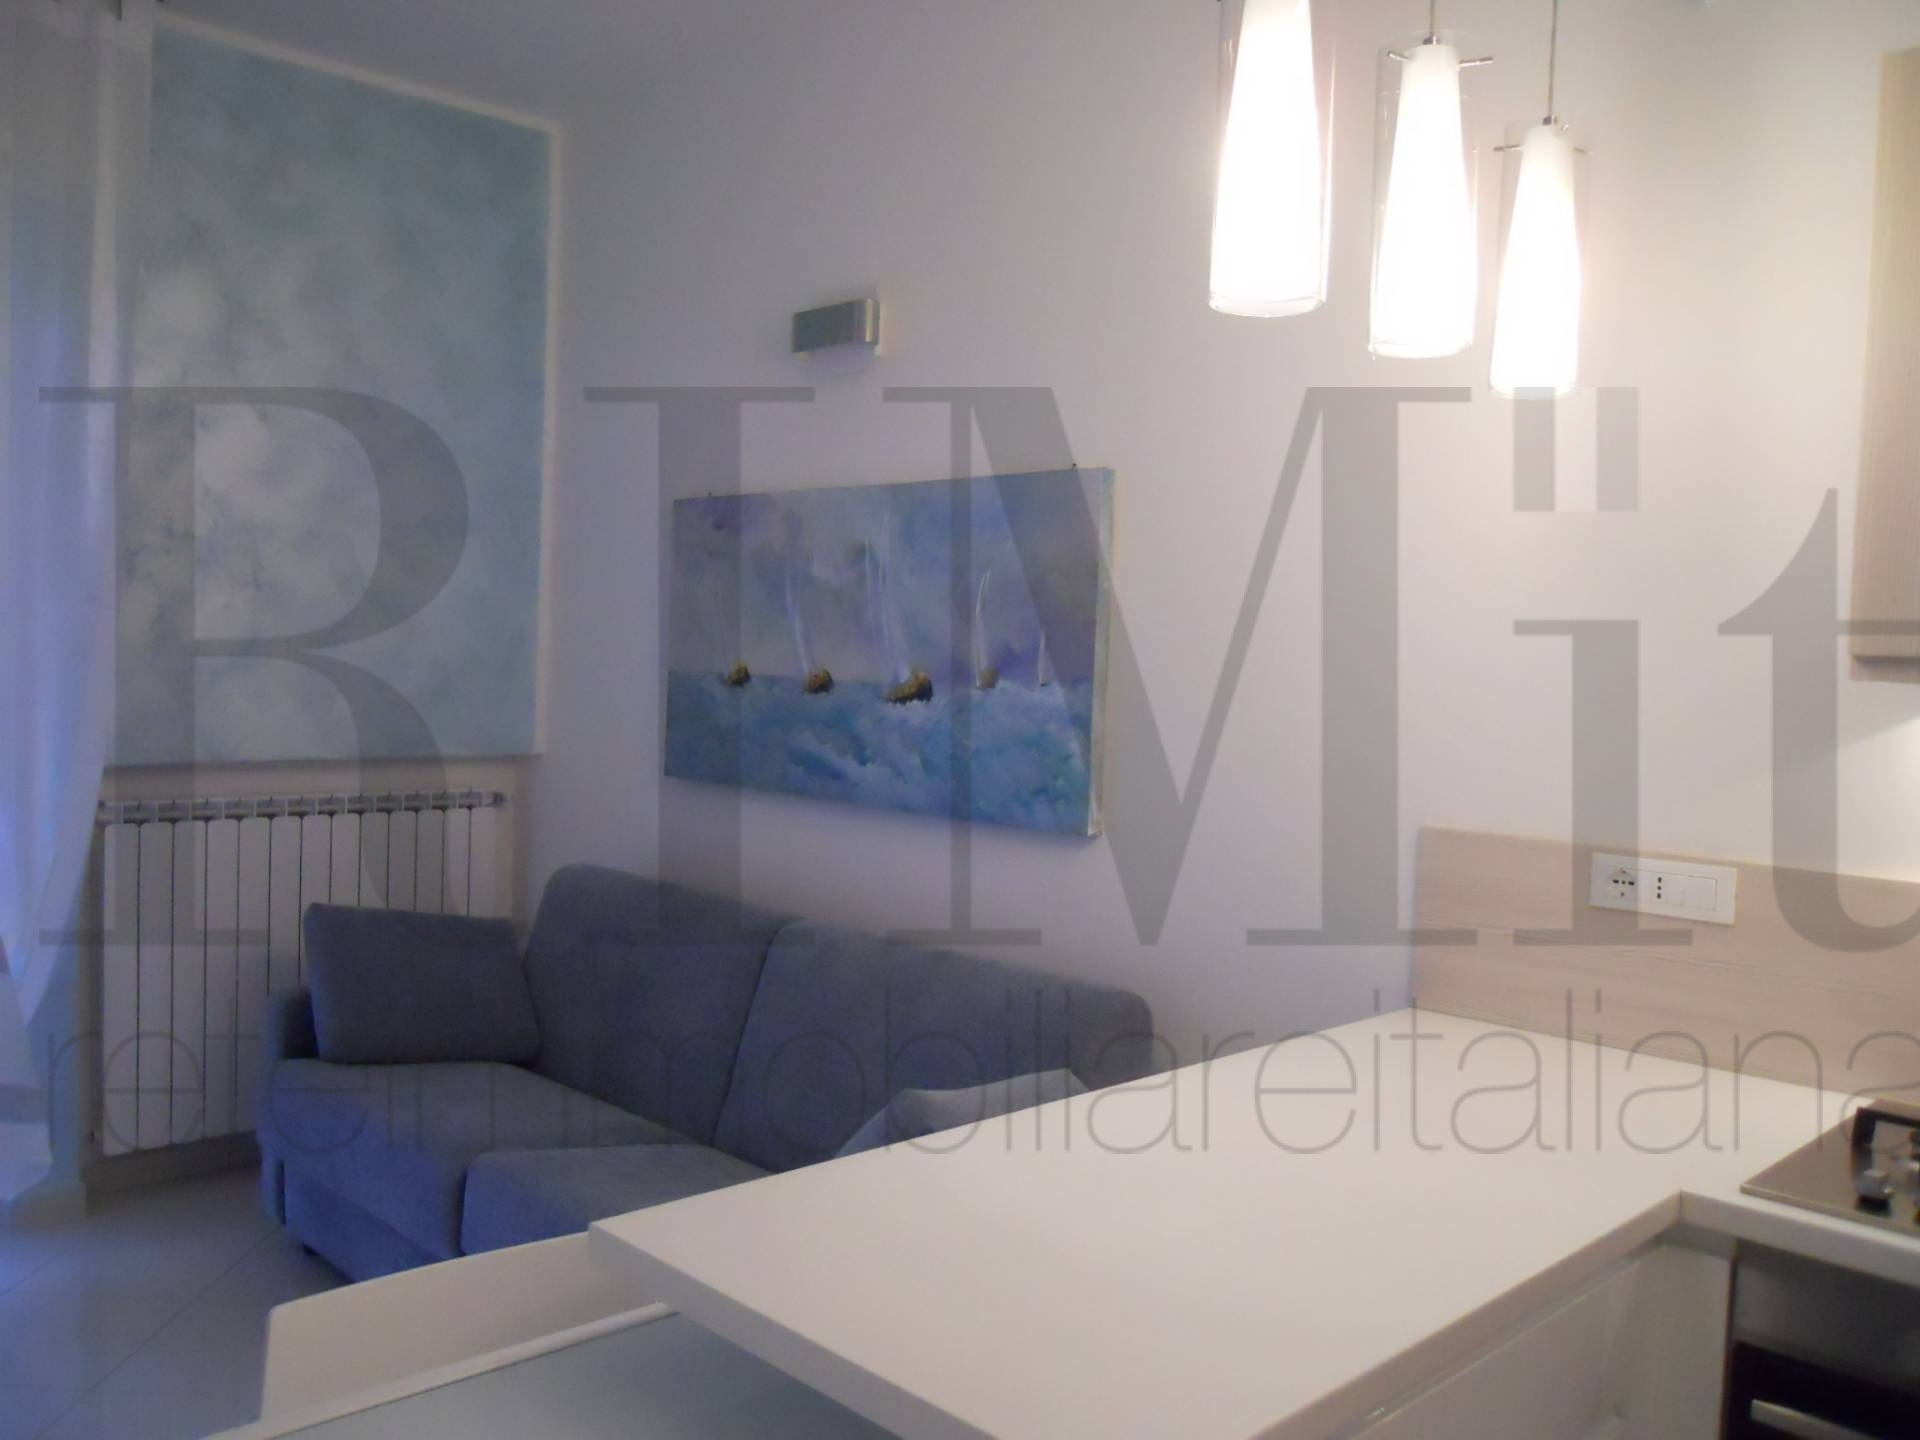 Appartamento in vendita a Loano, 3 locali, prezzo € 460.000 | CambioCasa.it